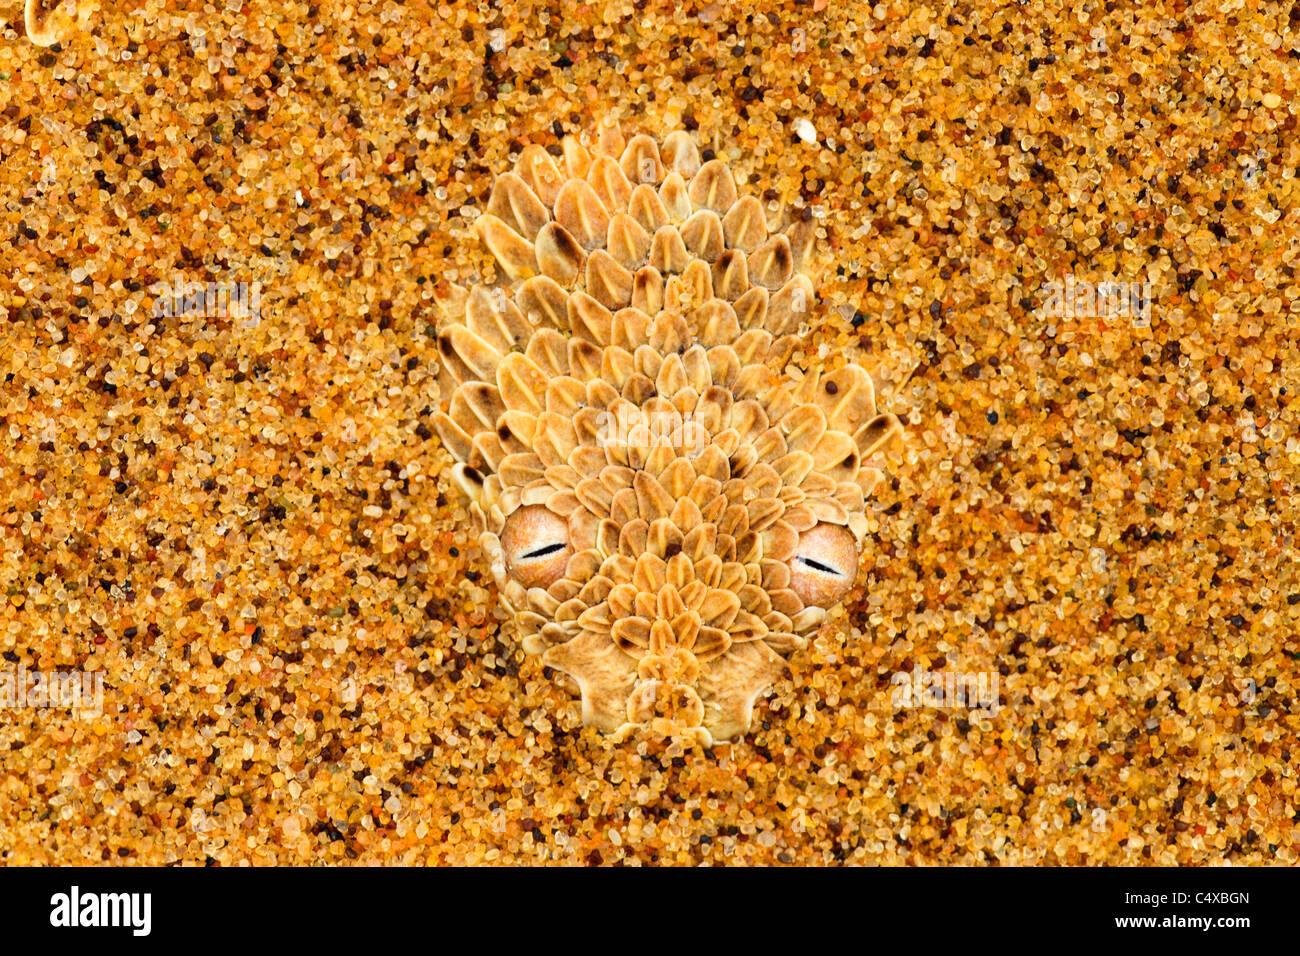 L'additionneur Sidewinder (Bitis peringueyi) est une espèce de vipère venimeuse trouvés dans Photo Stock